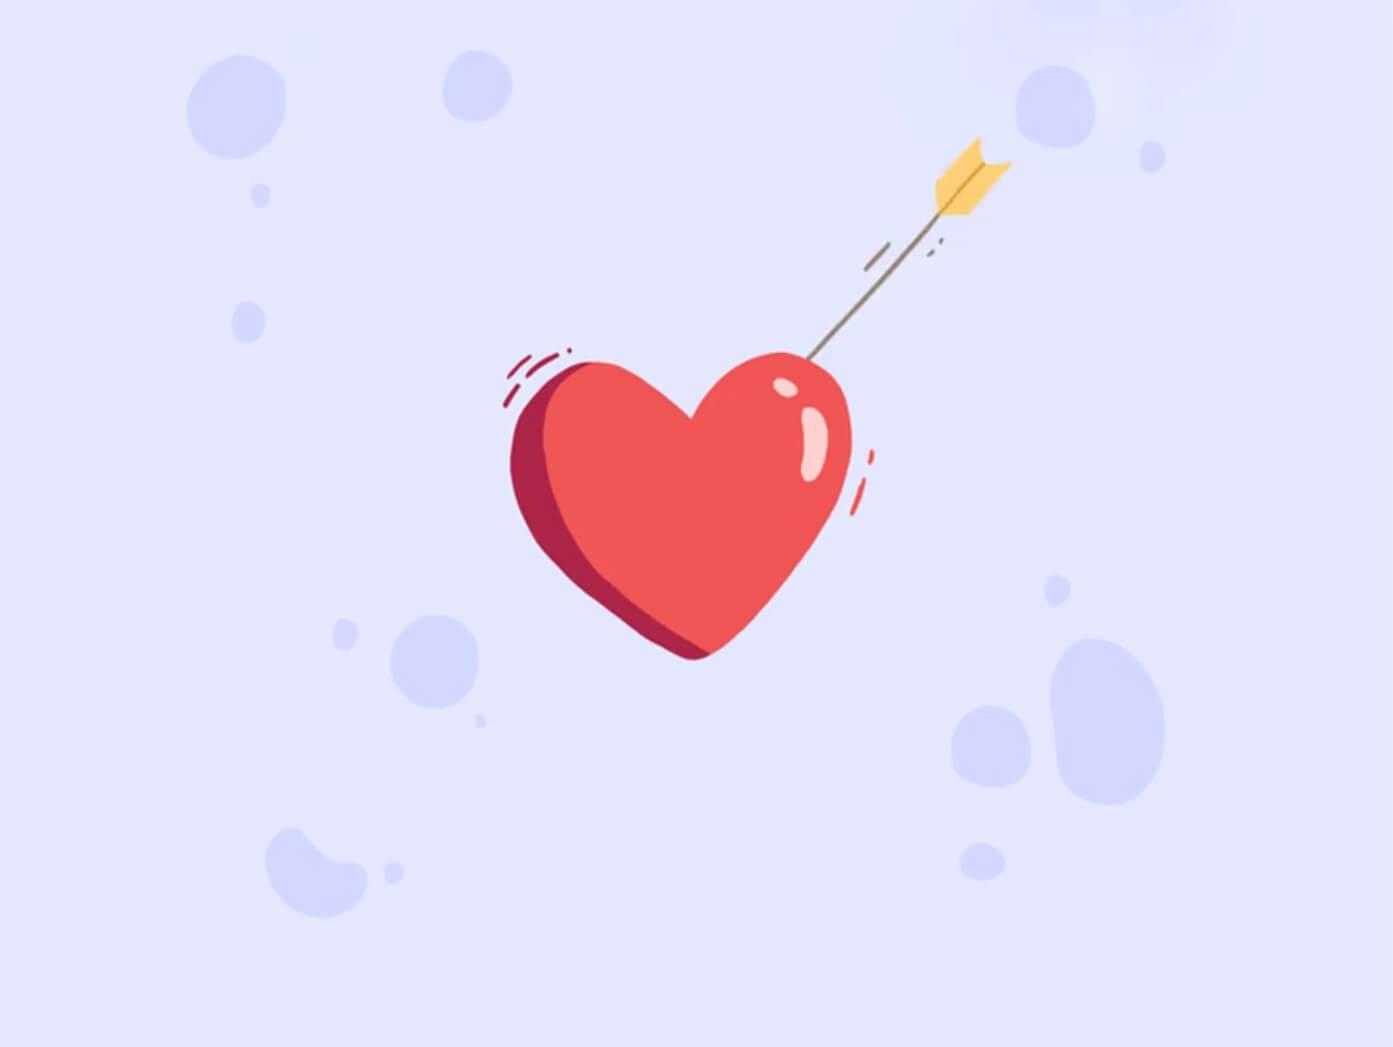 تیر و قلب عاشقانه